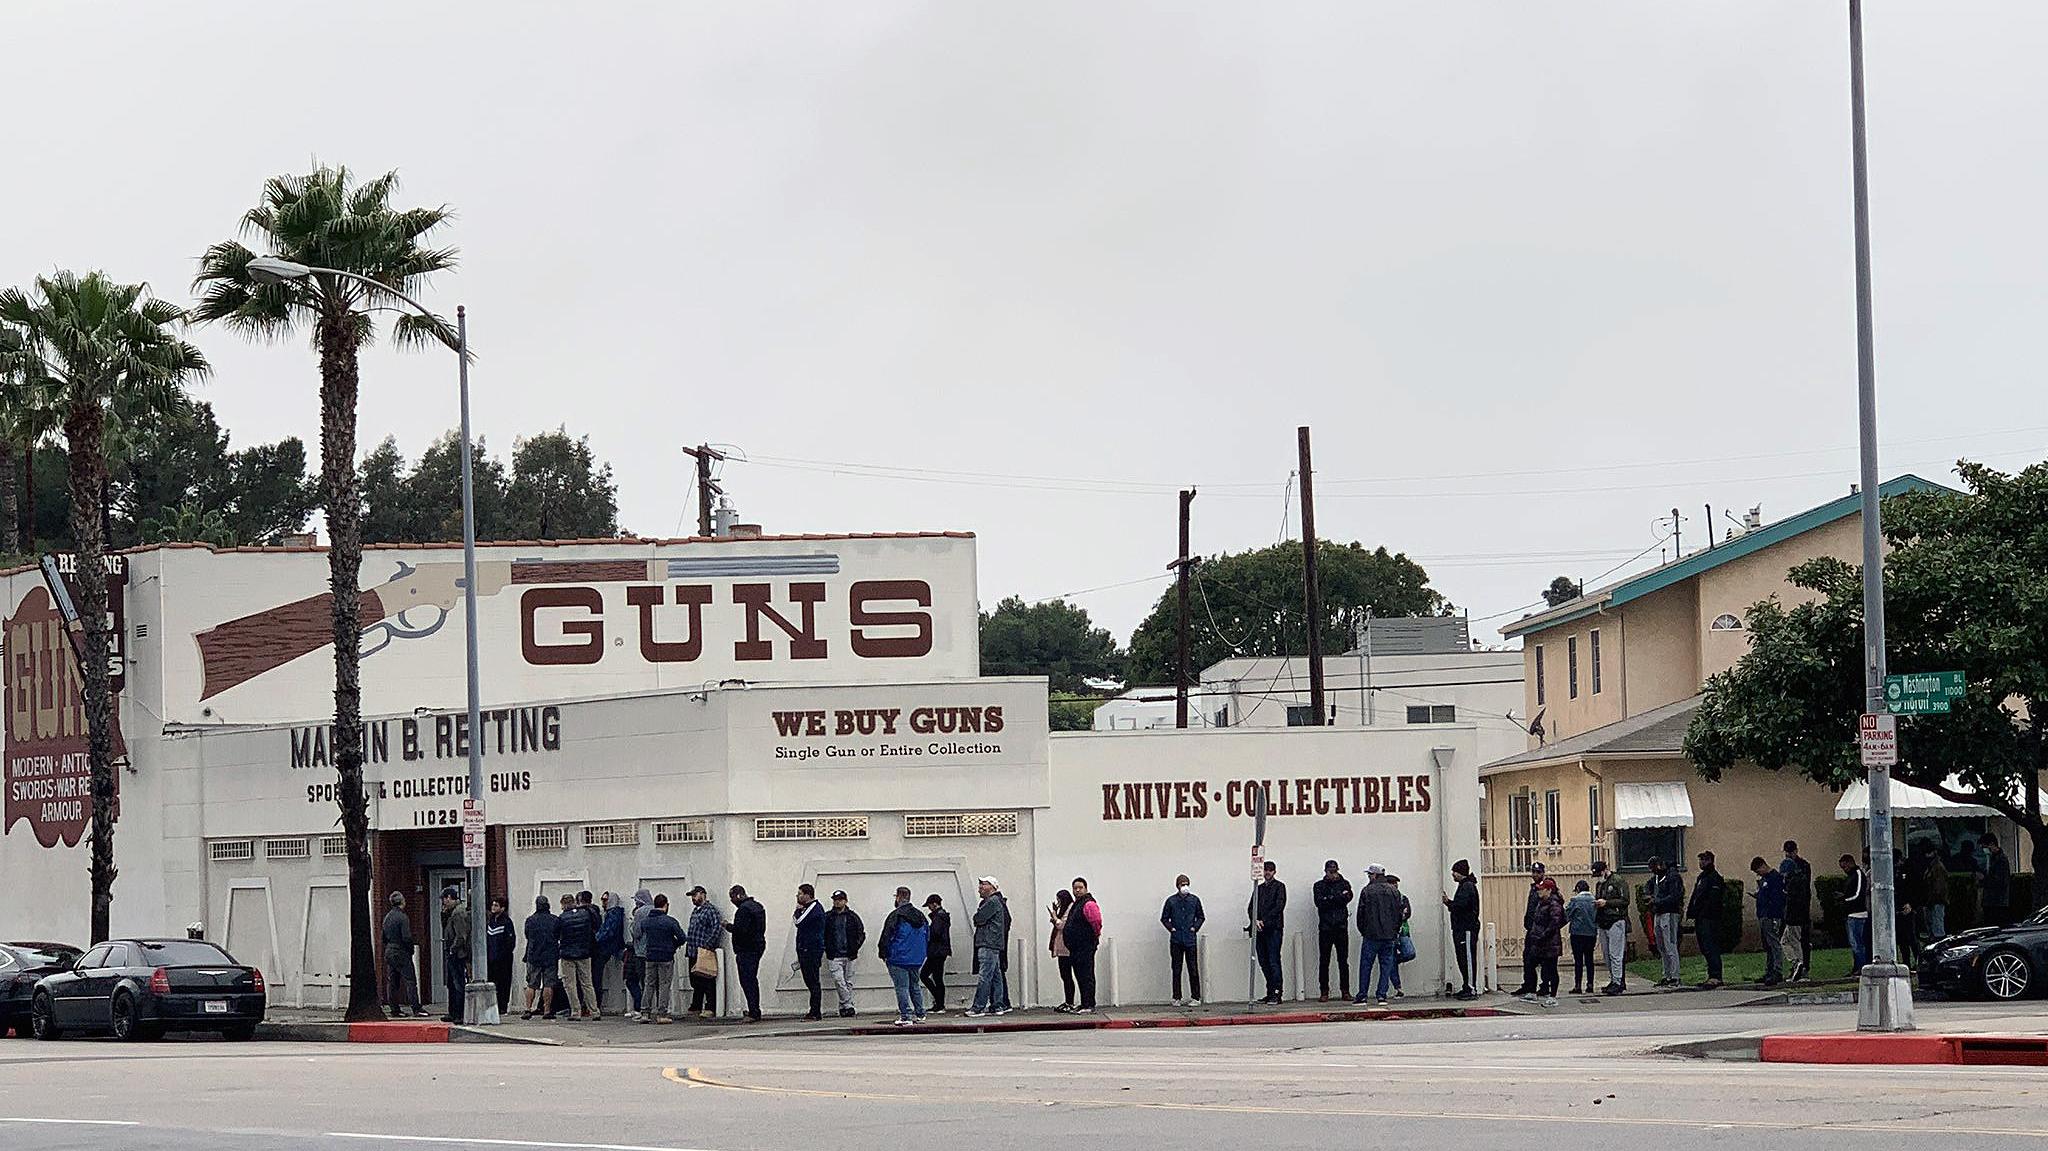 coronavirus panic buying, Gun store lines are growing across the country, stimulus checks guns, stimulus money guns